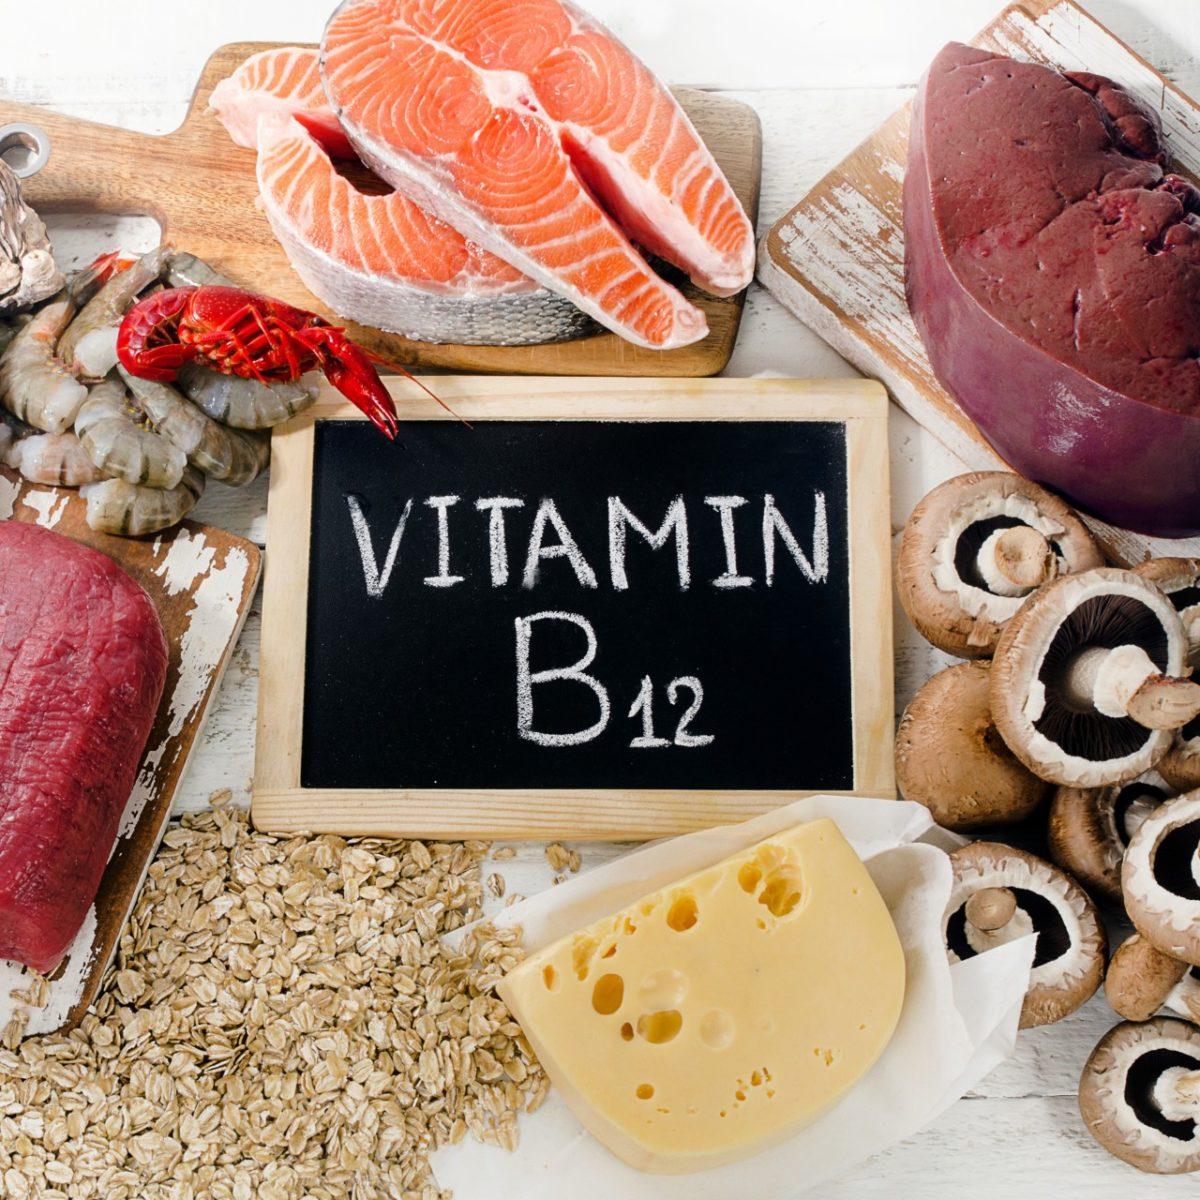 Khasiat Vitamin B12 Untuk Kesehatan